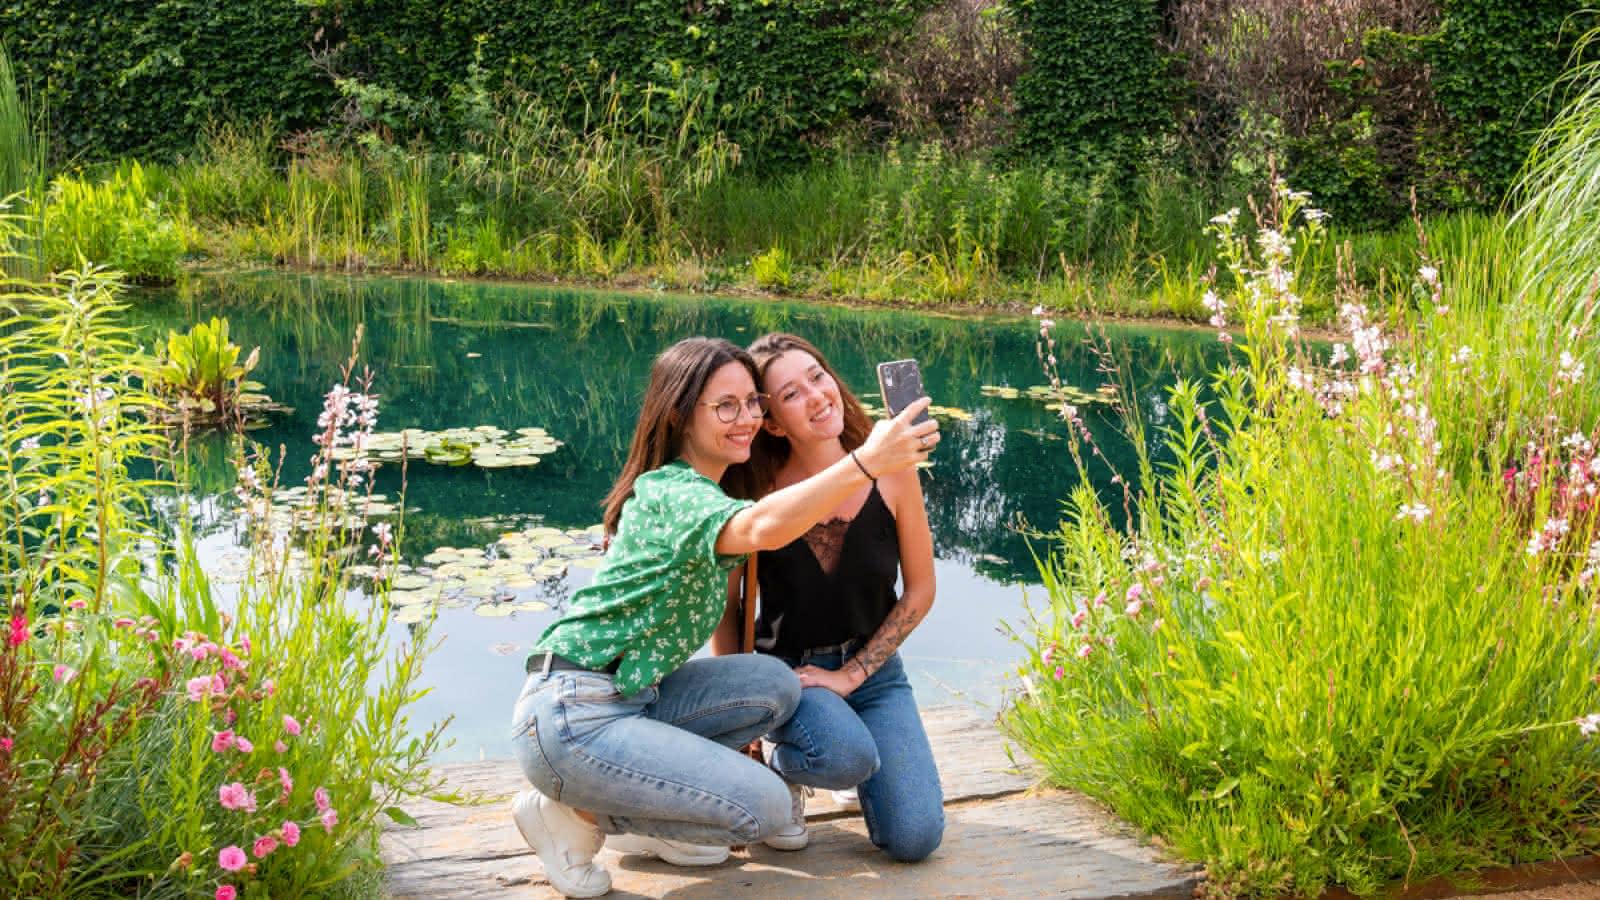 Festival International des Jardins de Chaumont-sur-Loire - Vacances insolites en Loir-et-Cher Val de Loire ©Studio Mir-ADT41